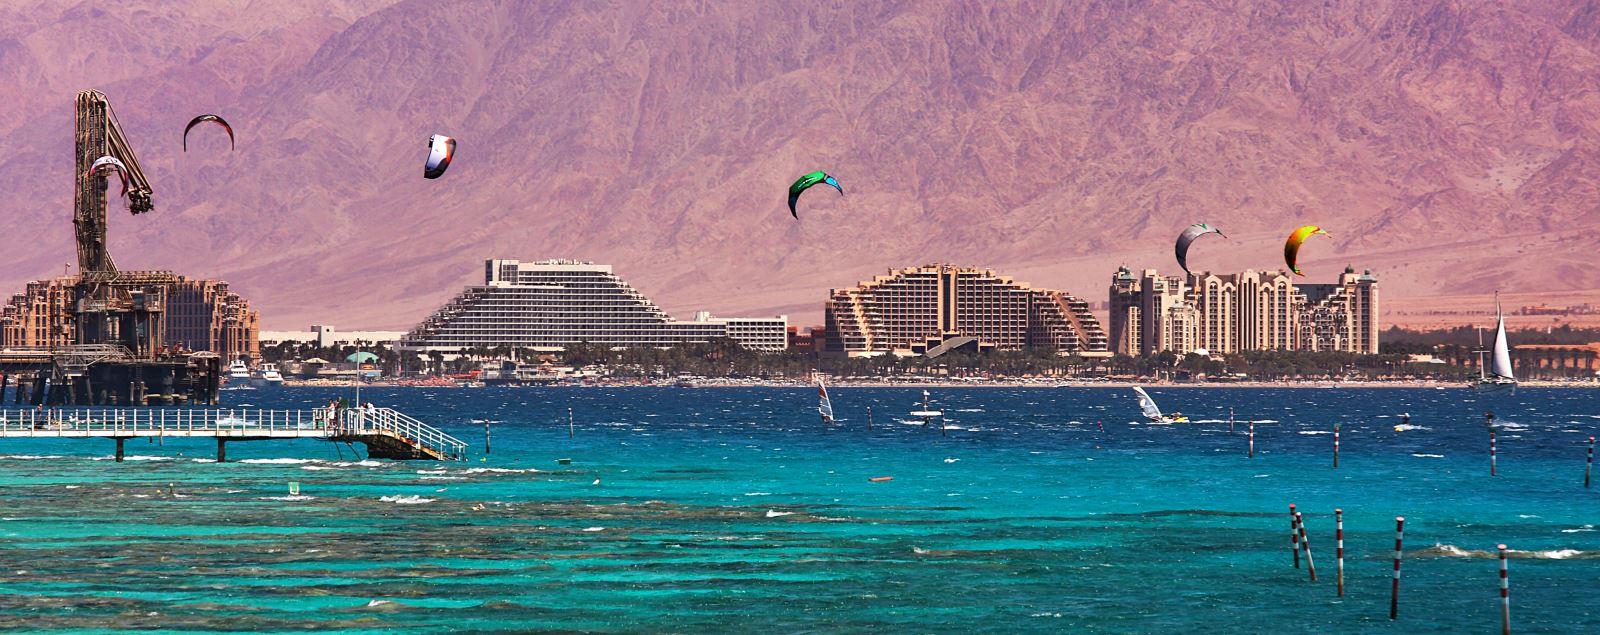 משרד התיירות ישקיע עשרות מיליוני שקלים בבניית בתי מלון גם באילת